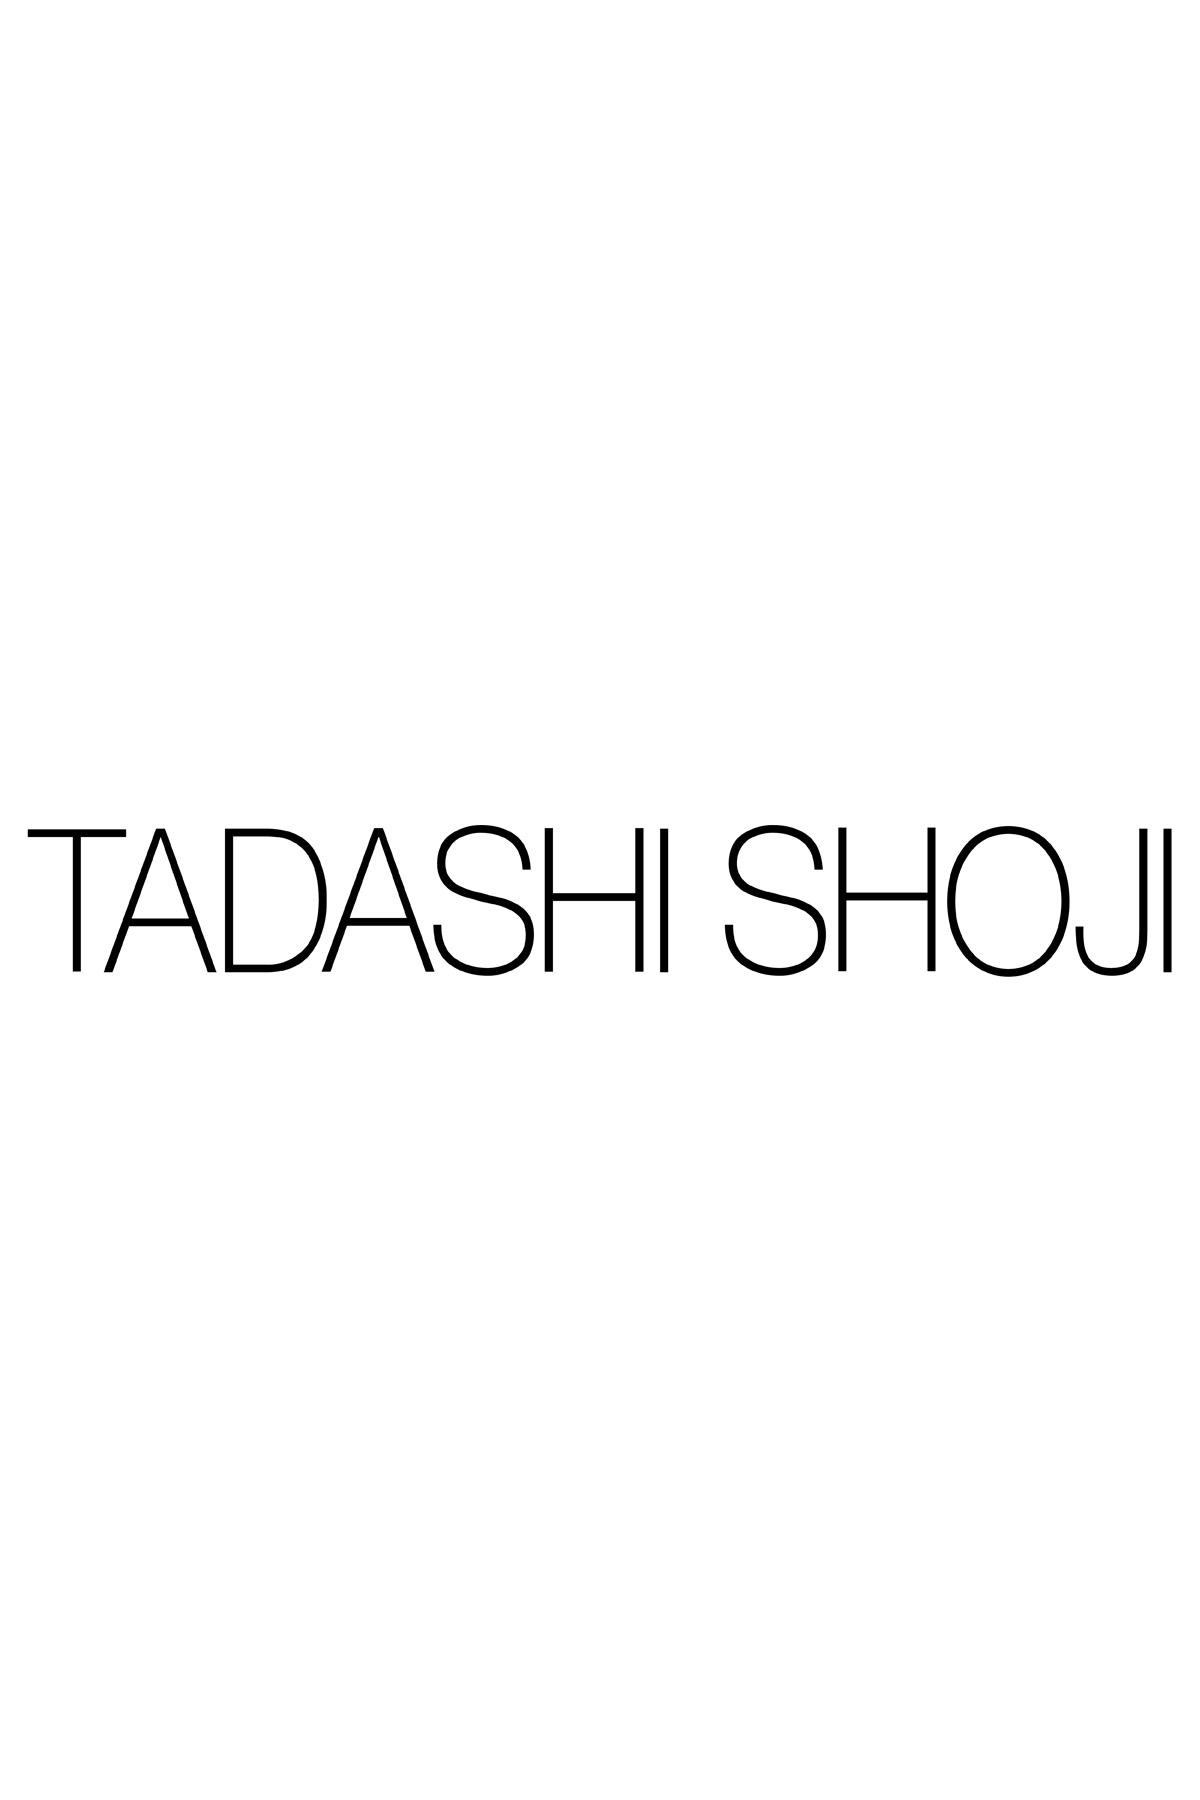 Allison Embroidered Lace Gown - PLUS SIZE | Tadashi Shoji